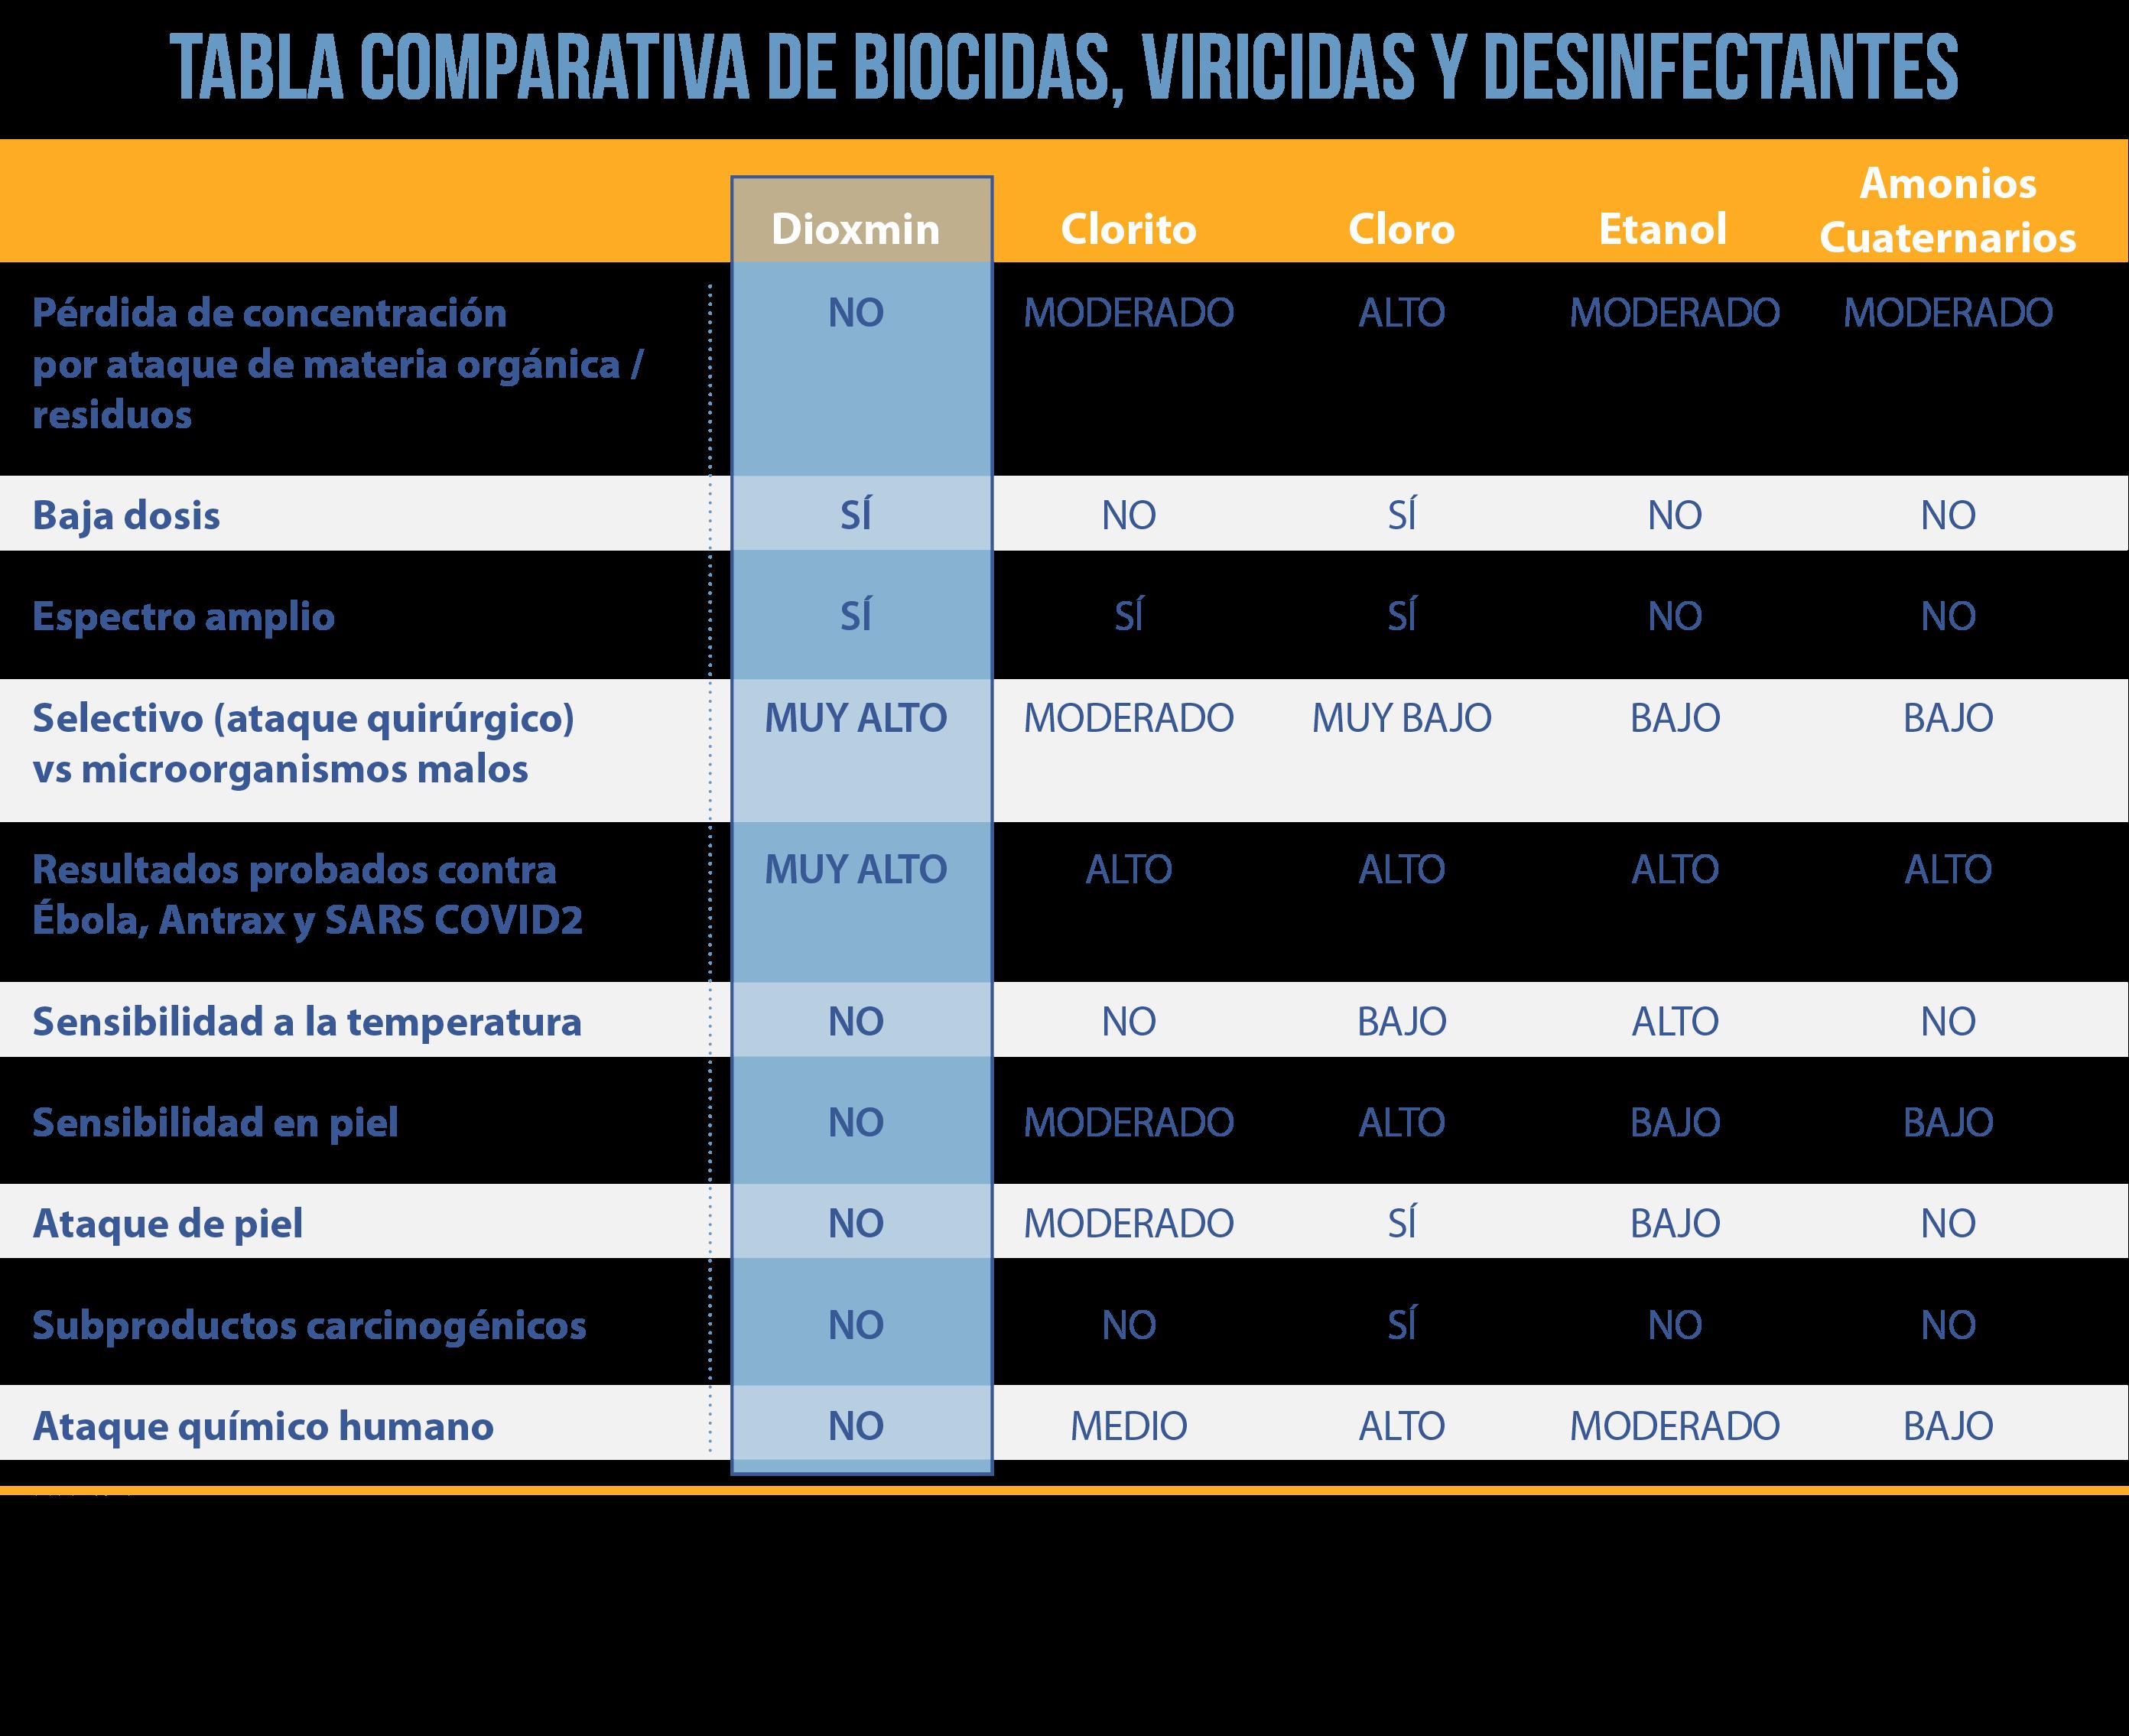 http://dioxmin.dgk.com.mx/wp-content/uploads/2020/07/TABLA-COMPARATIVA-DE-BIOCIDAS-VIRICIDAS-Y-DESINFECTANTES.png